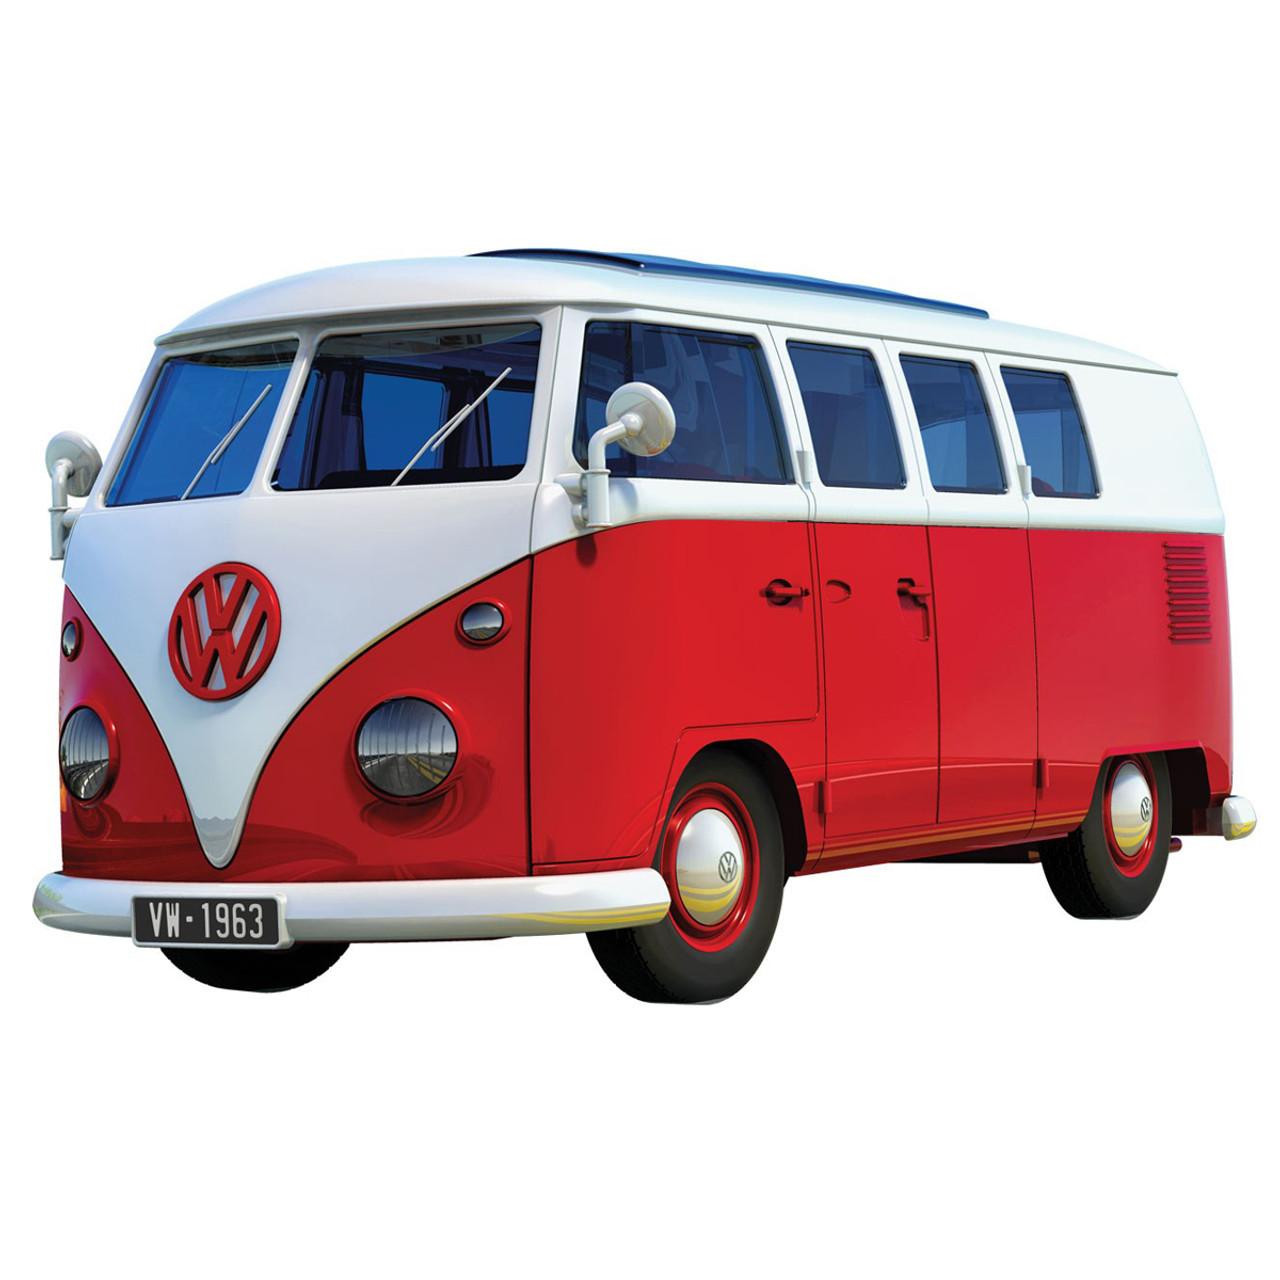 Vw Camper Van >> Airfix Quick Build Volkswagen Red Campervan